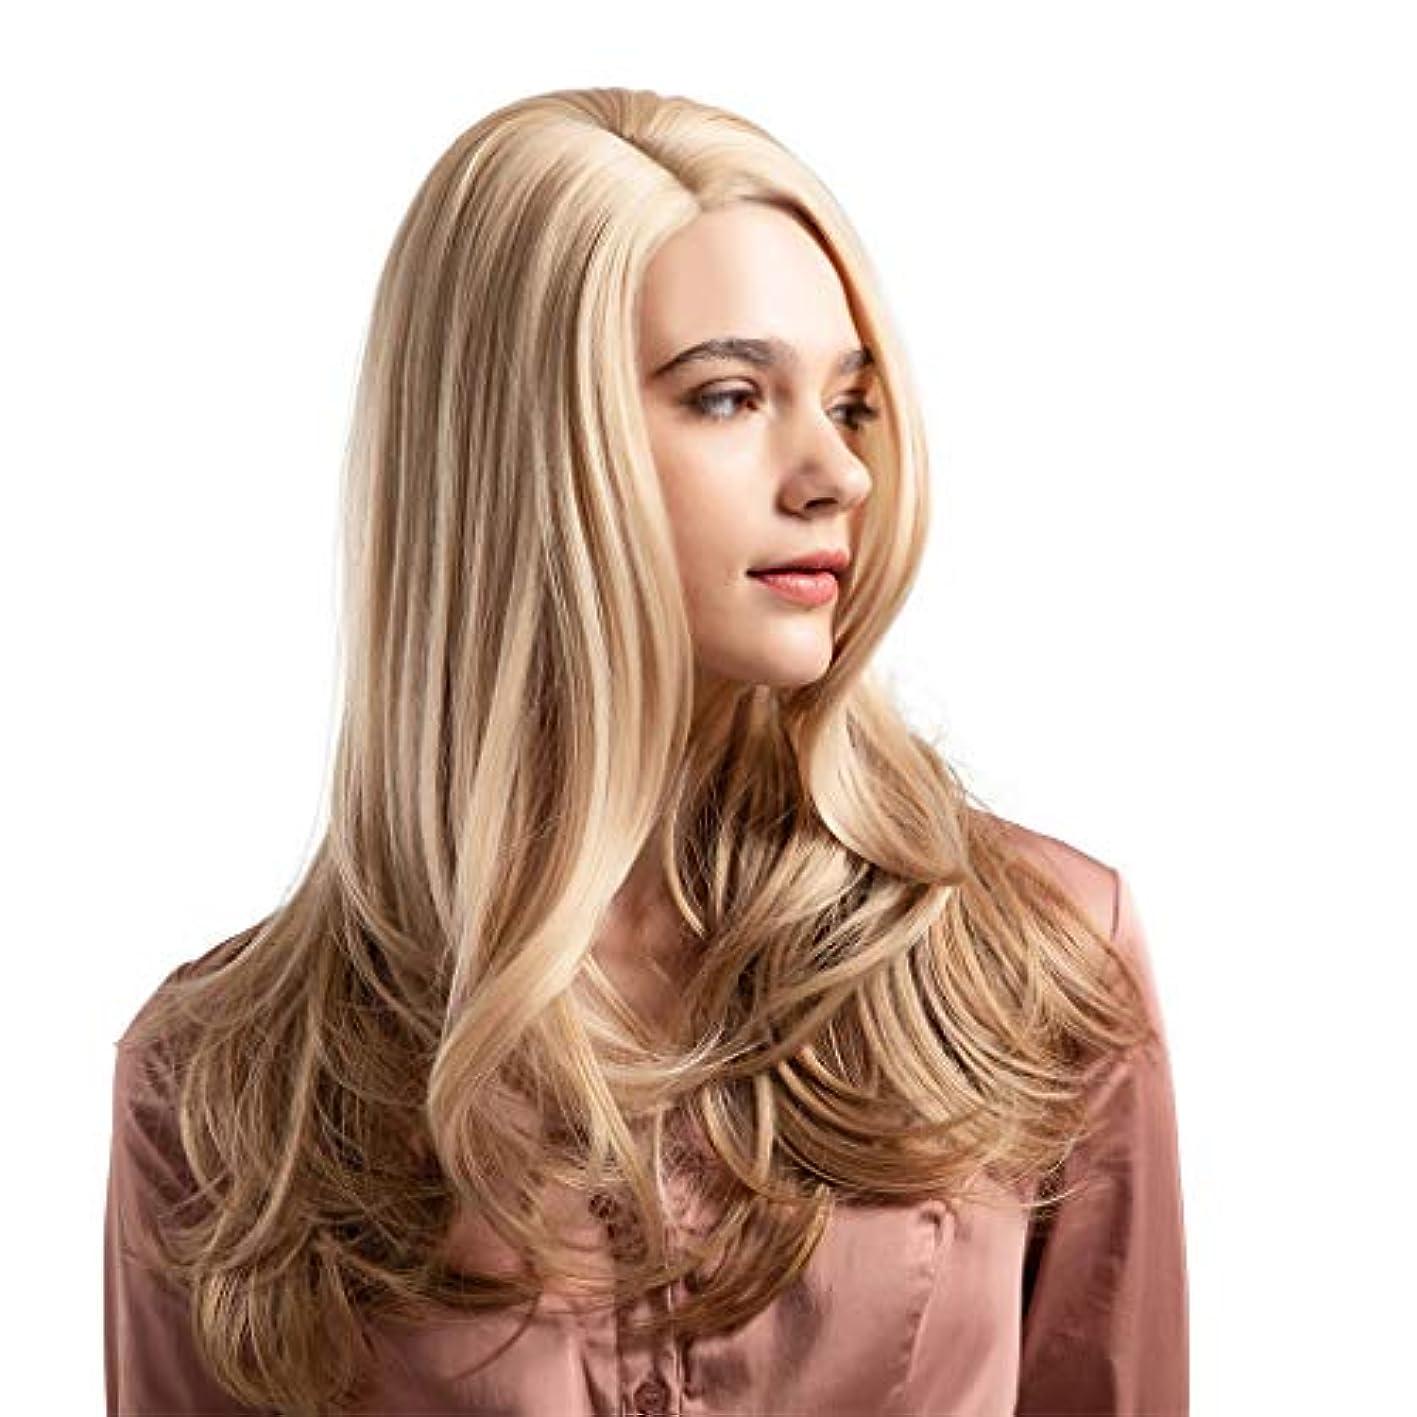 ラインナップ合体戦争ウィッグ女性黄金の大きな波状の巻き毛の高温シルクウィッグ22インチ